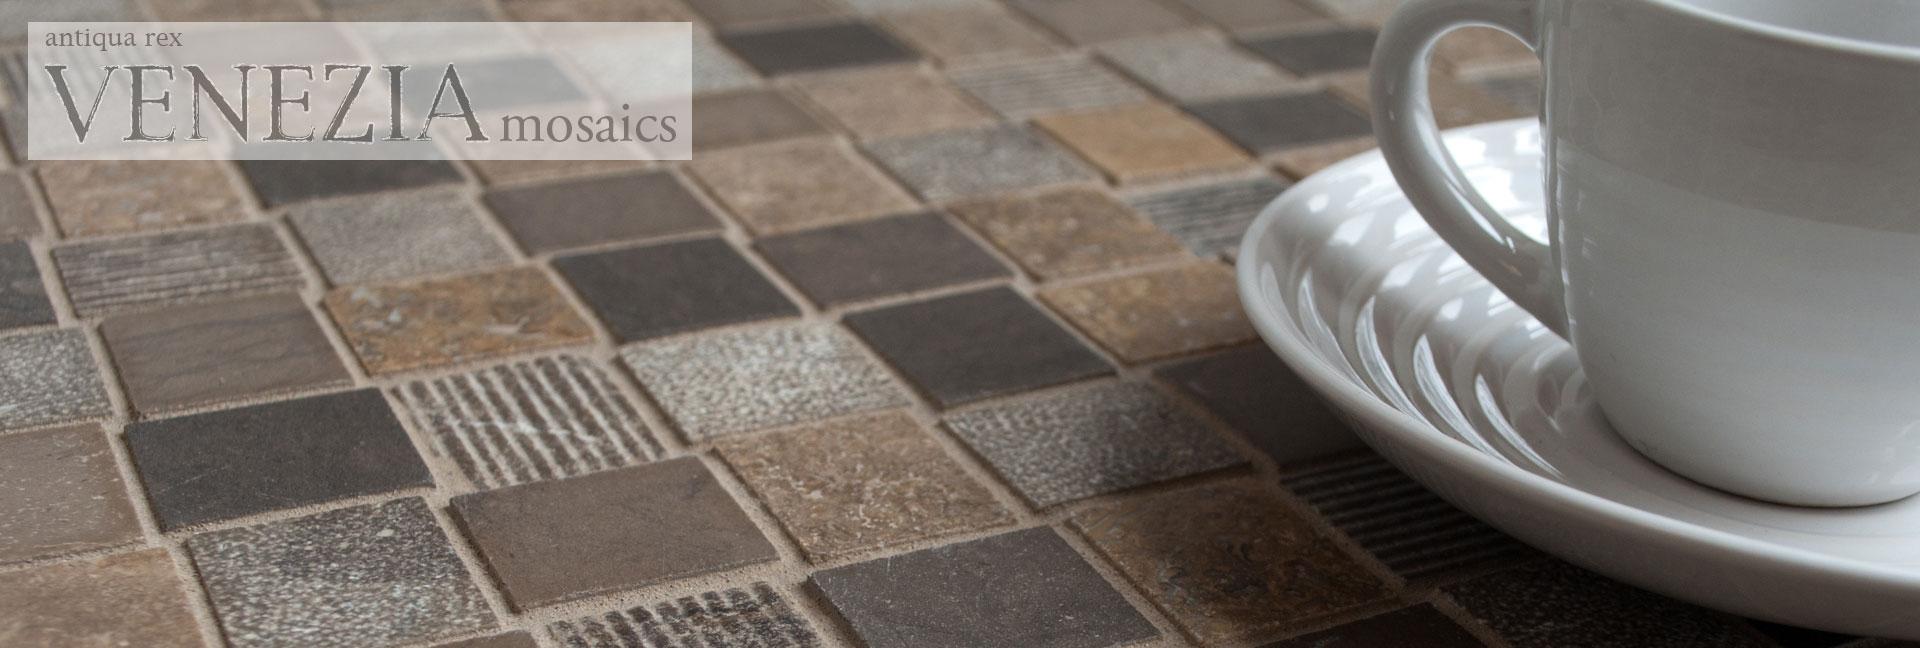 Venezia Mosaics